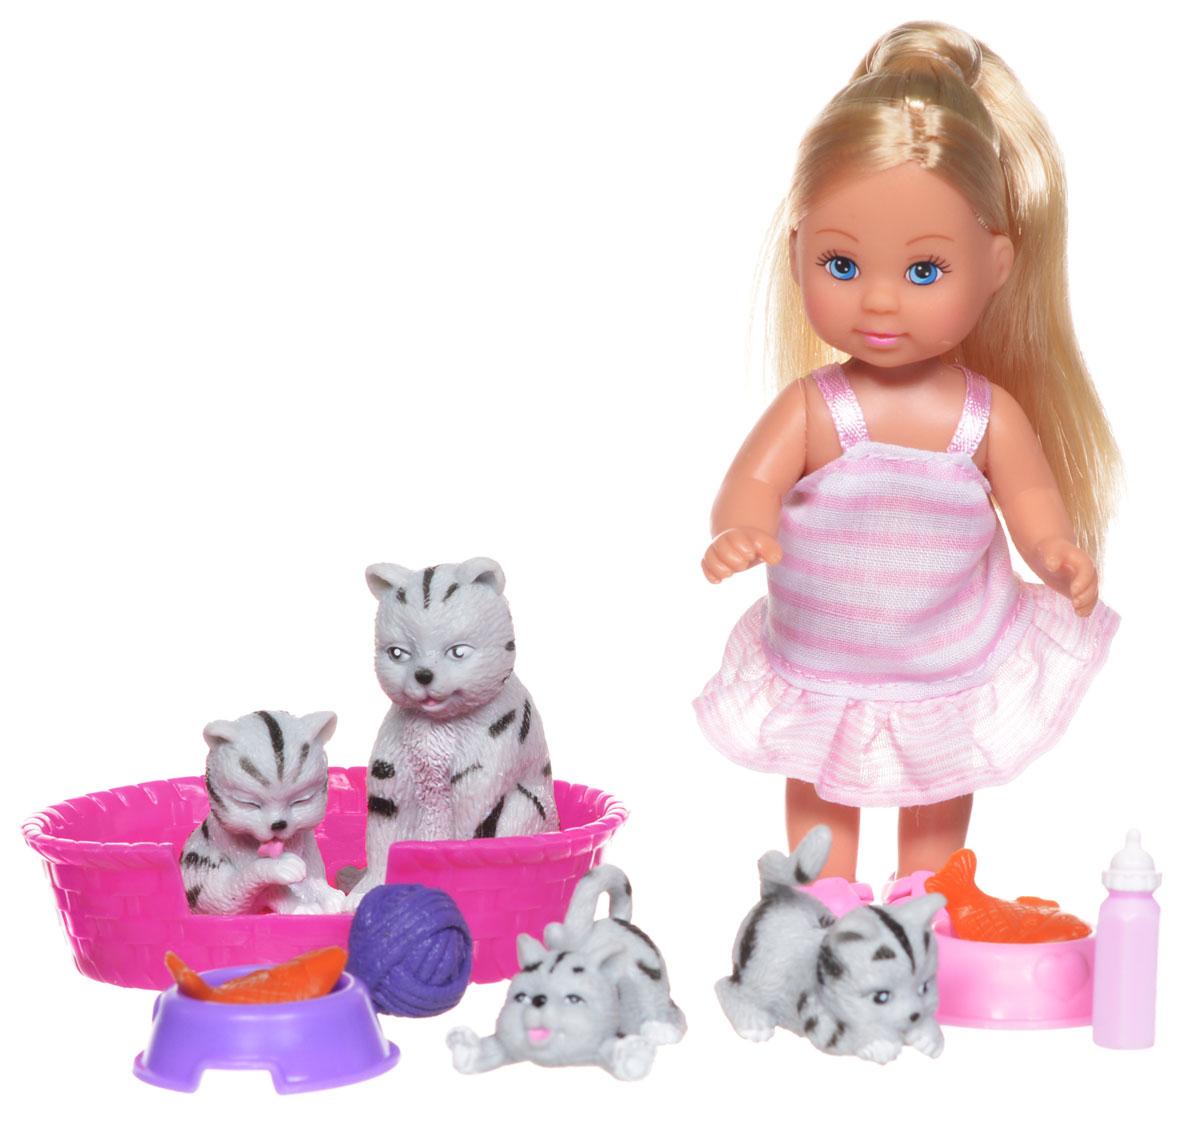 картинки игрушек барби с кошками ампельных